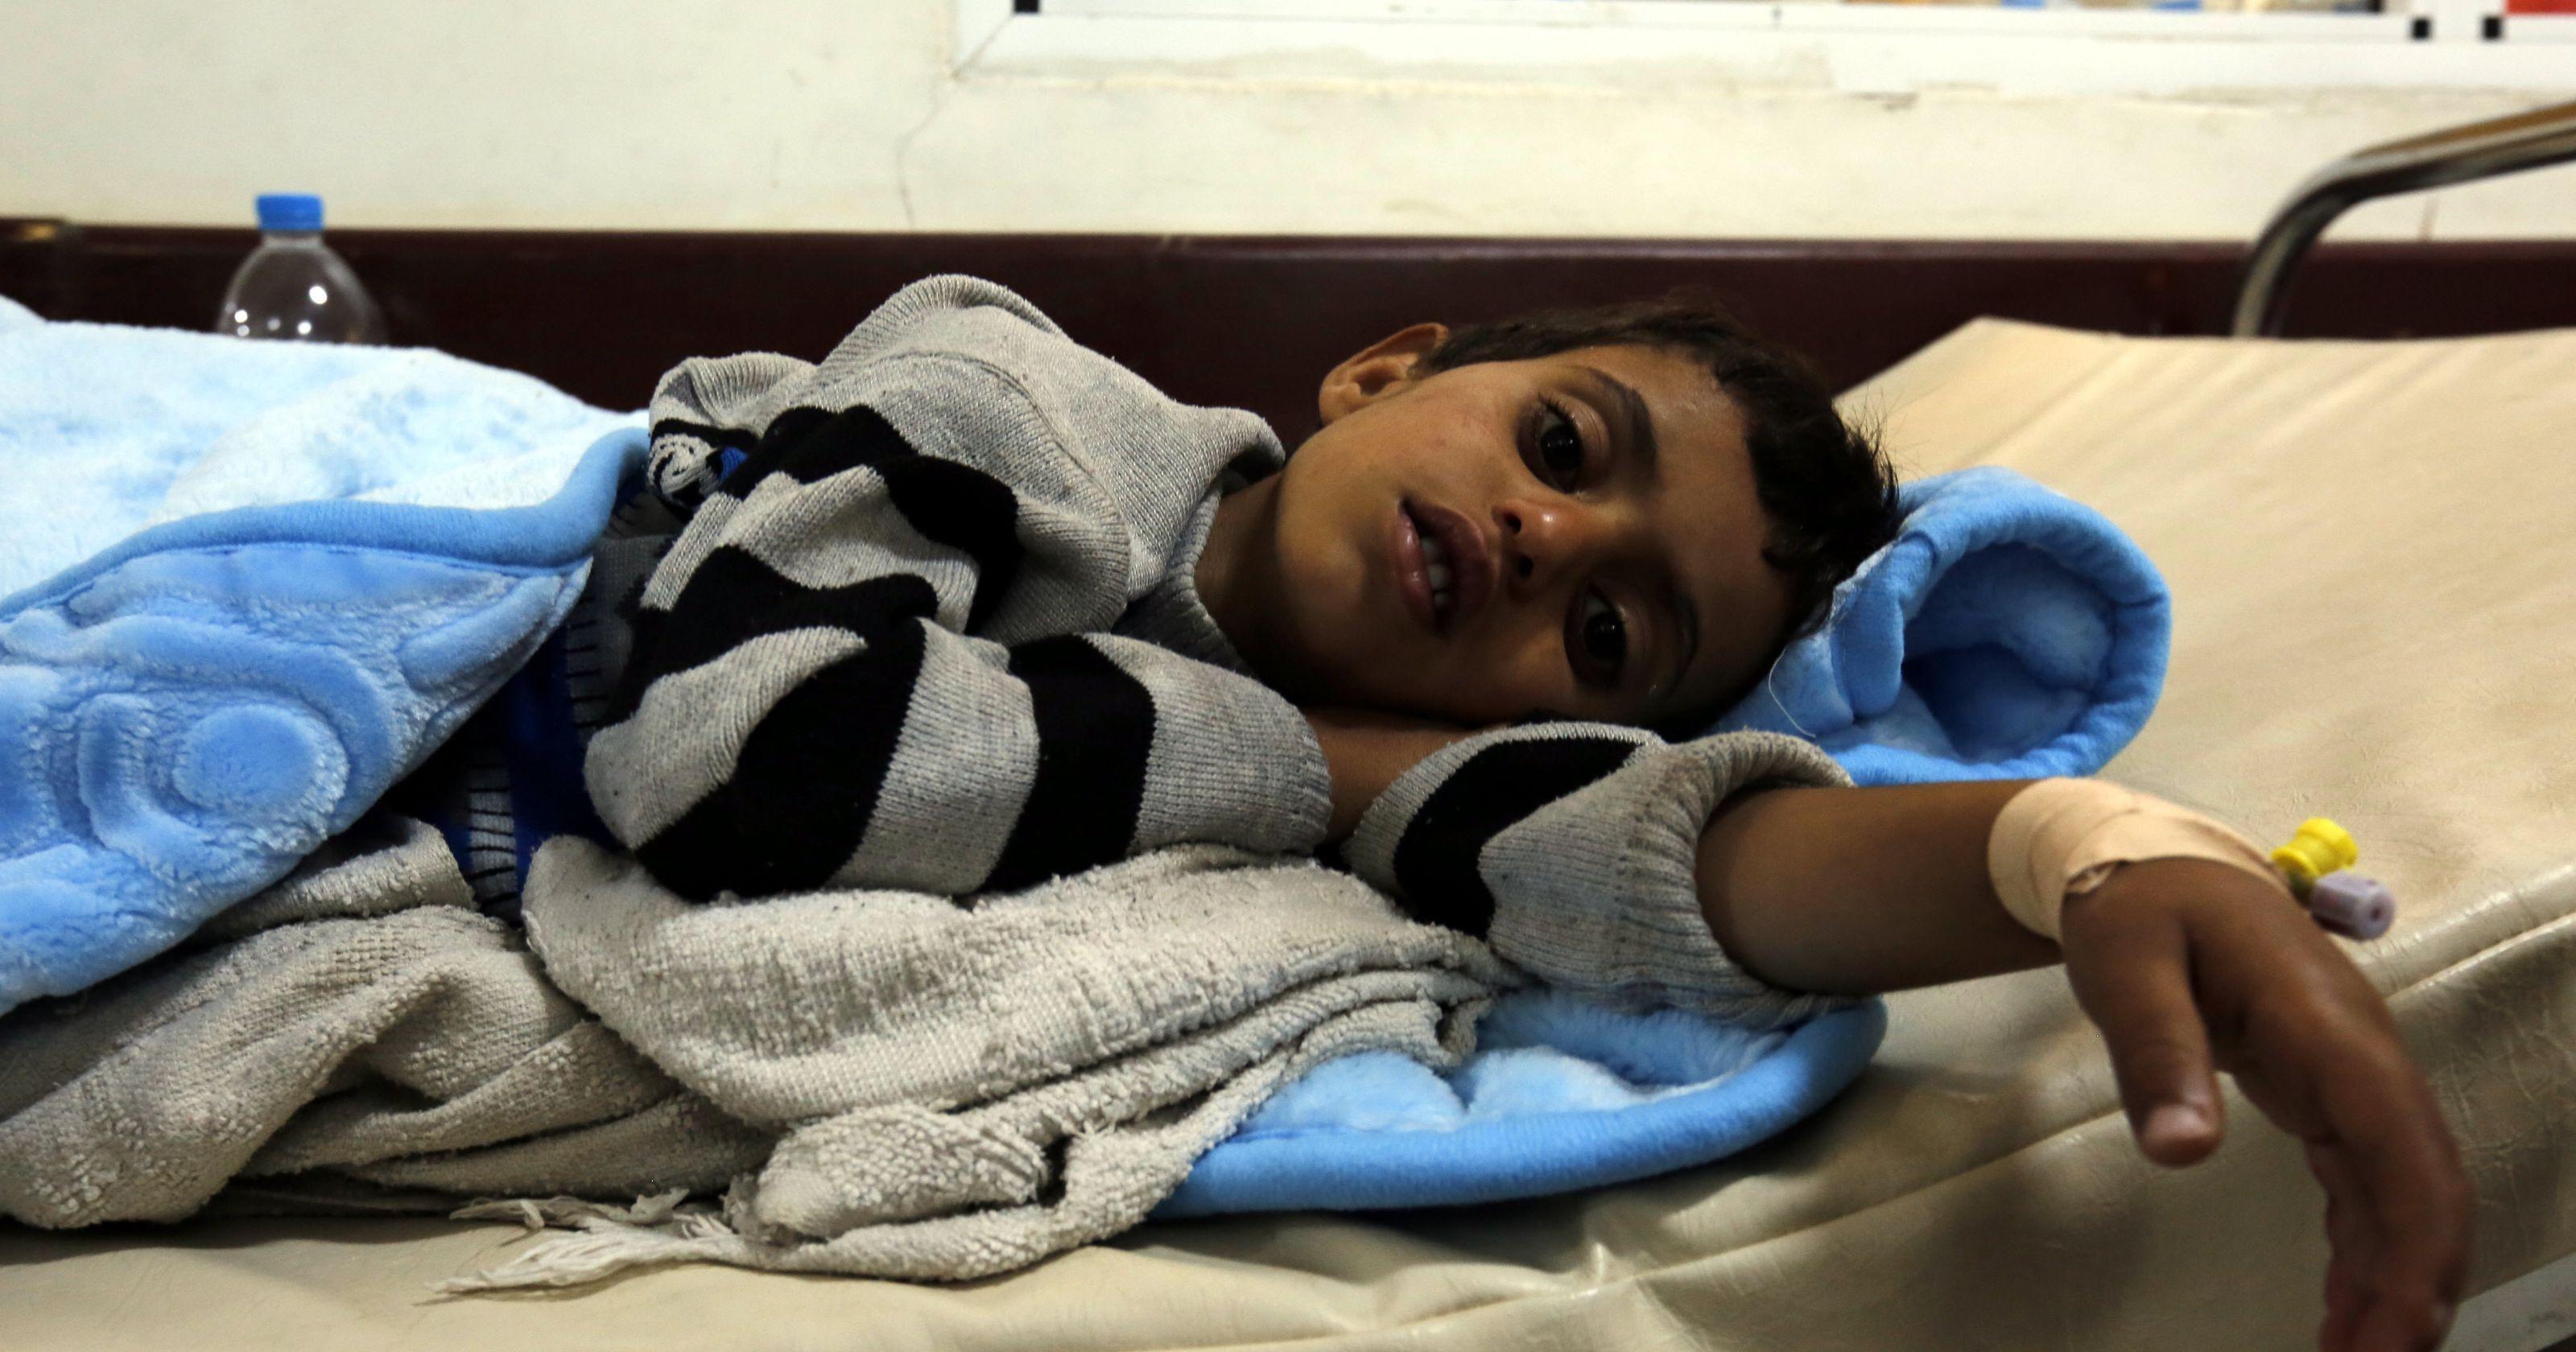 امریکا و انگلیس، مقصران گسترش وبا در یمن